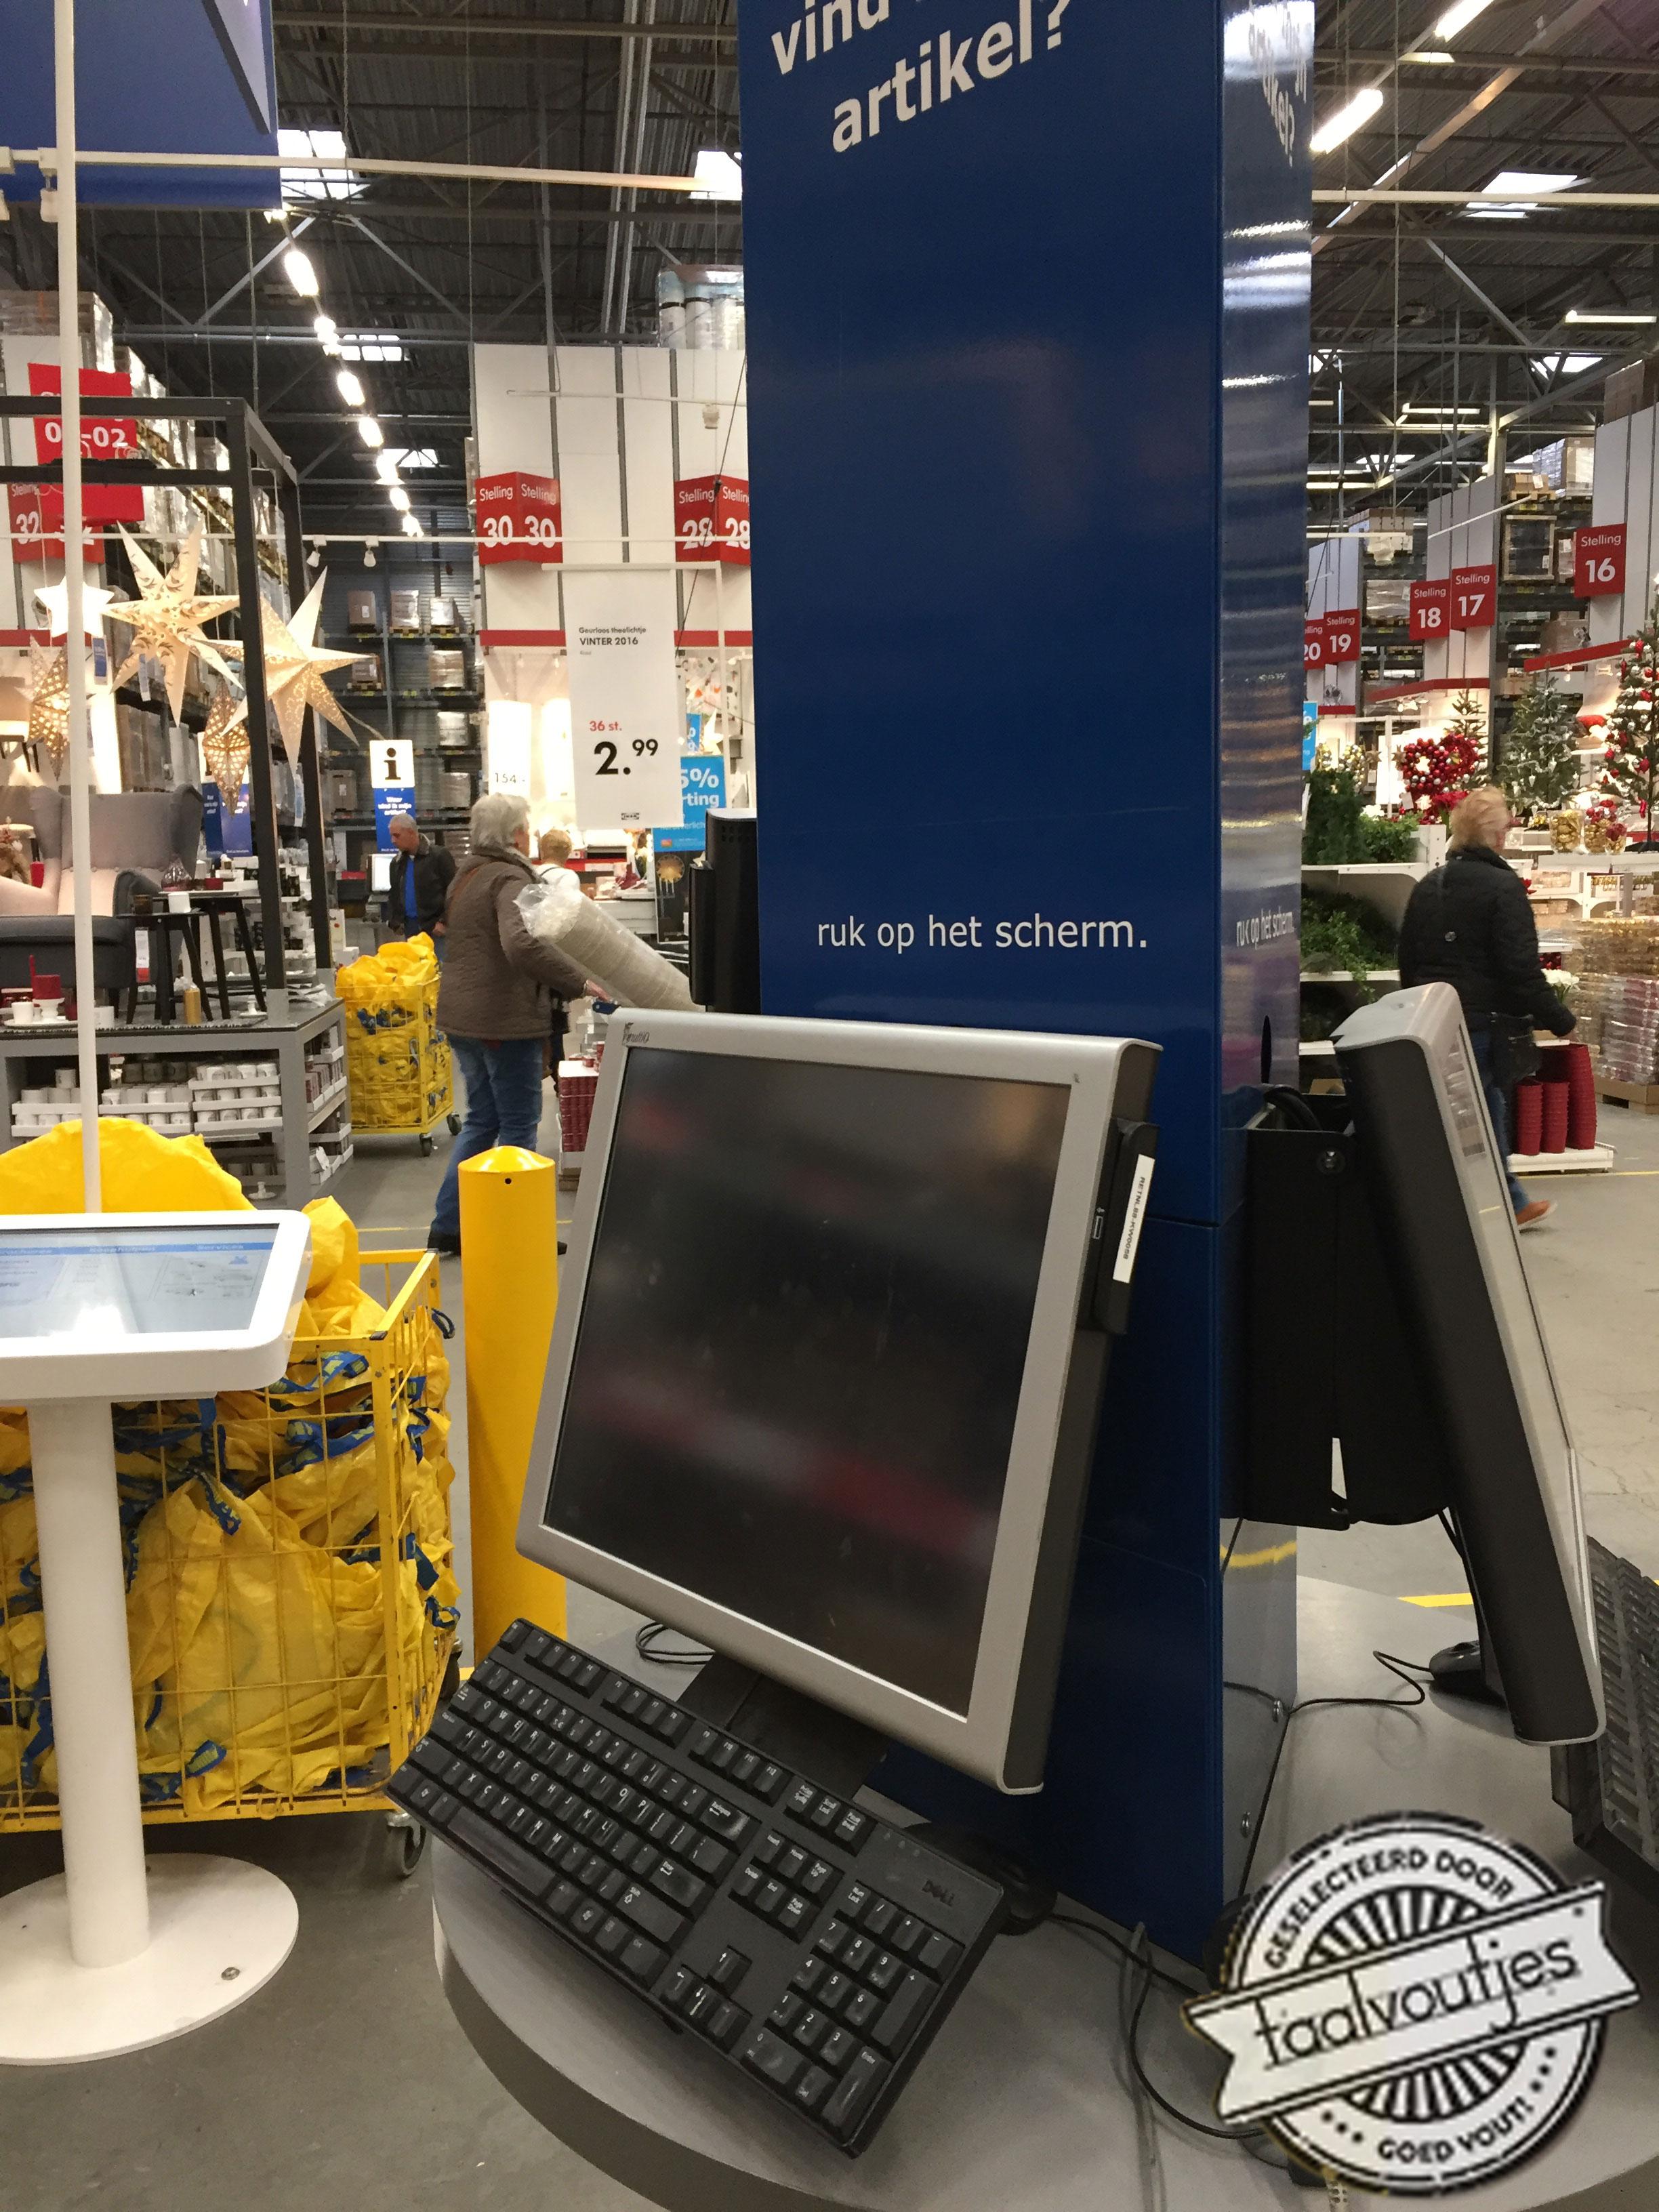 Ruk op het scherm - Ikea